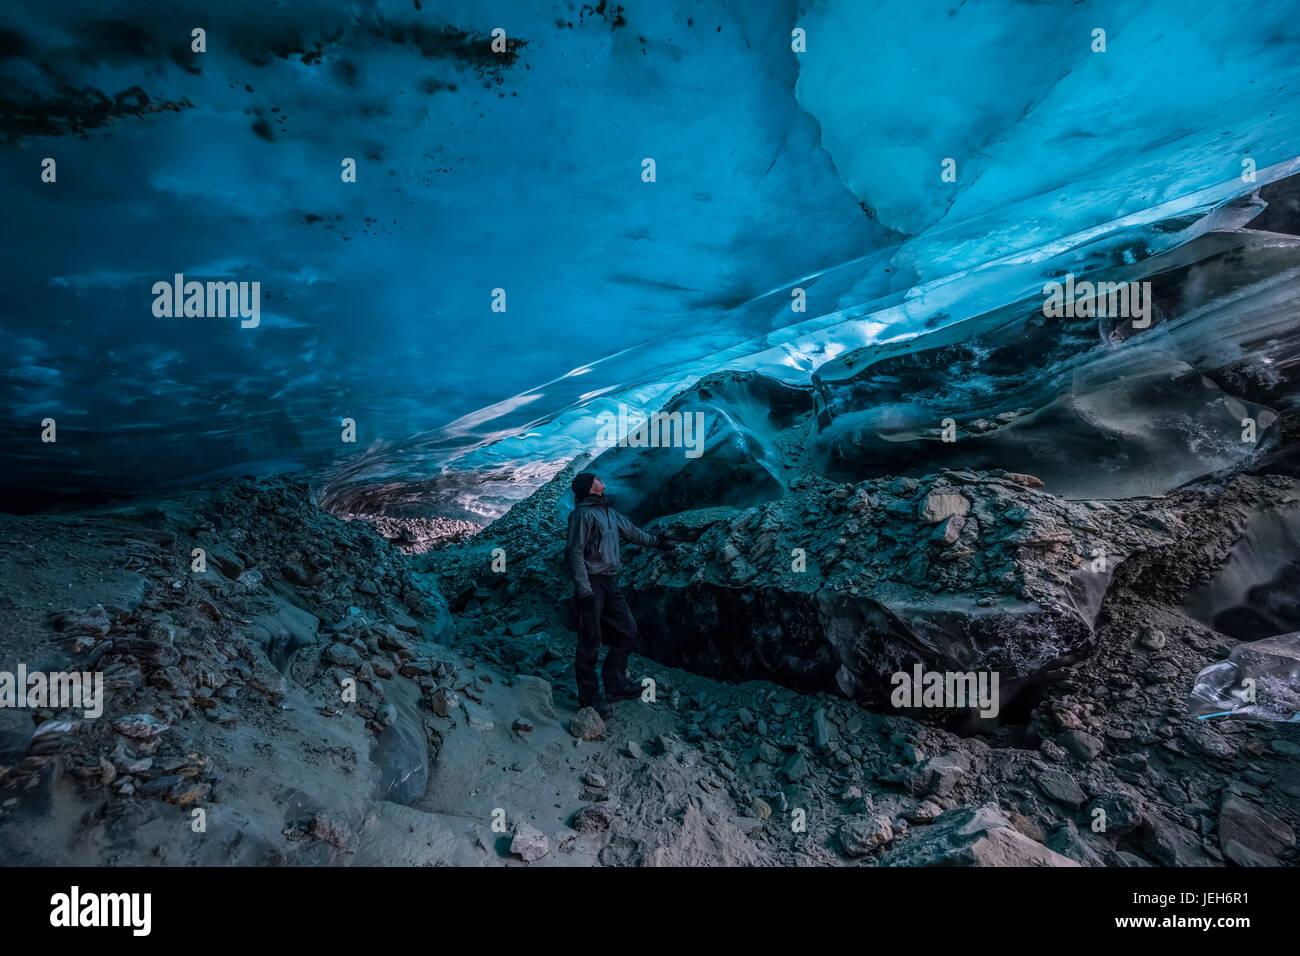 Un homme regarde la glace bleu translucide d'une grotte de glace du glacier Canwell; Alaska, États Photo Stock